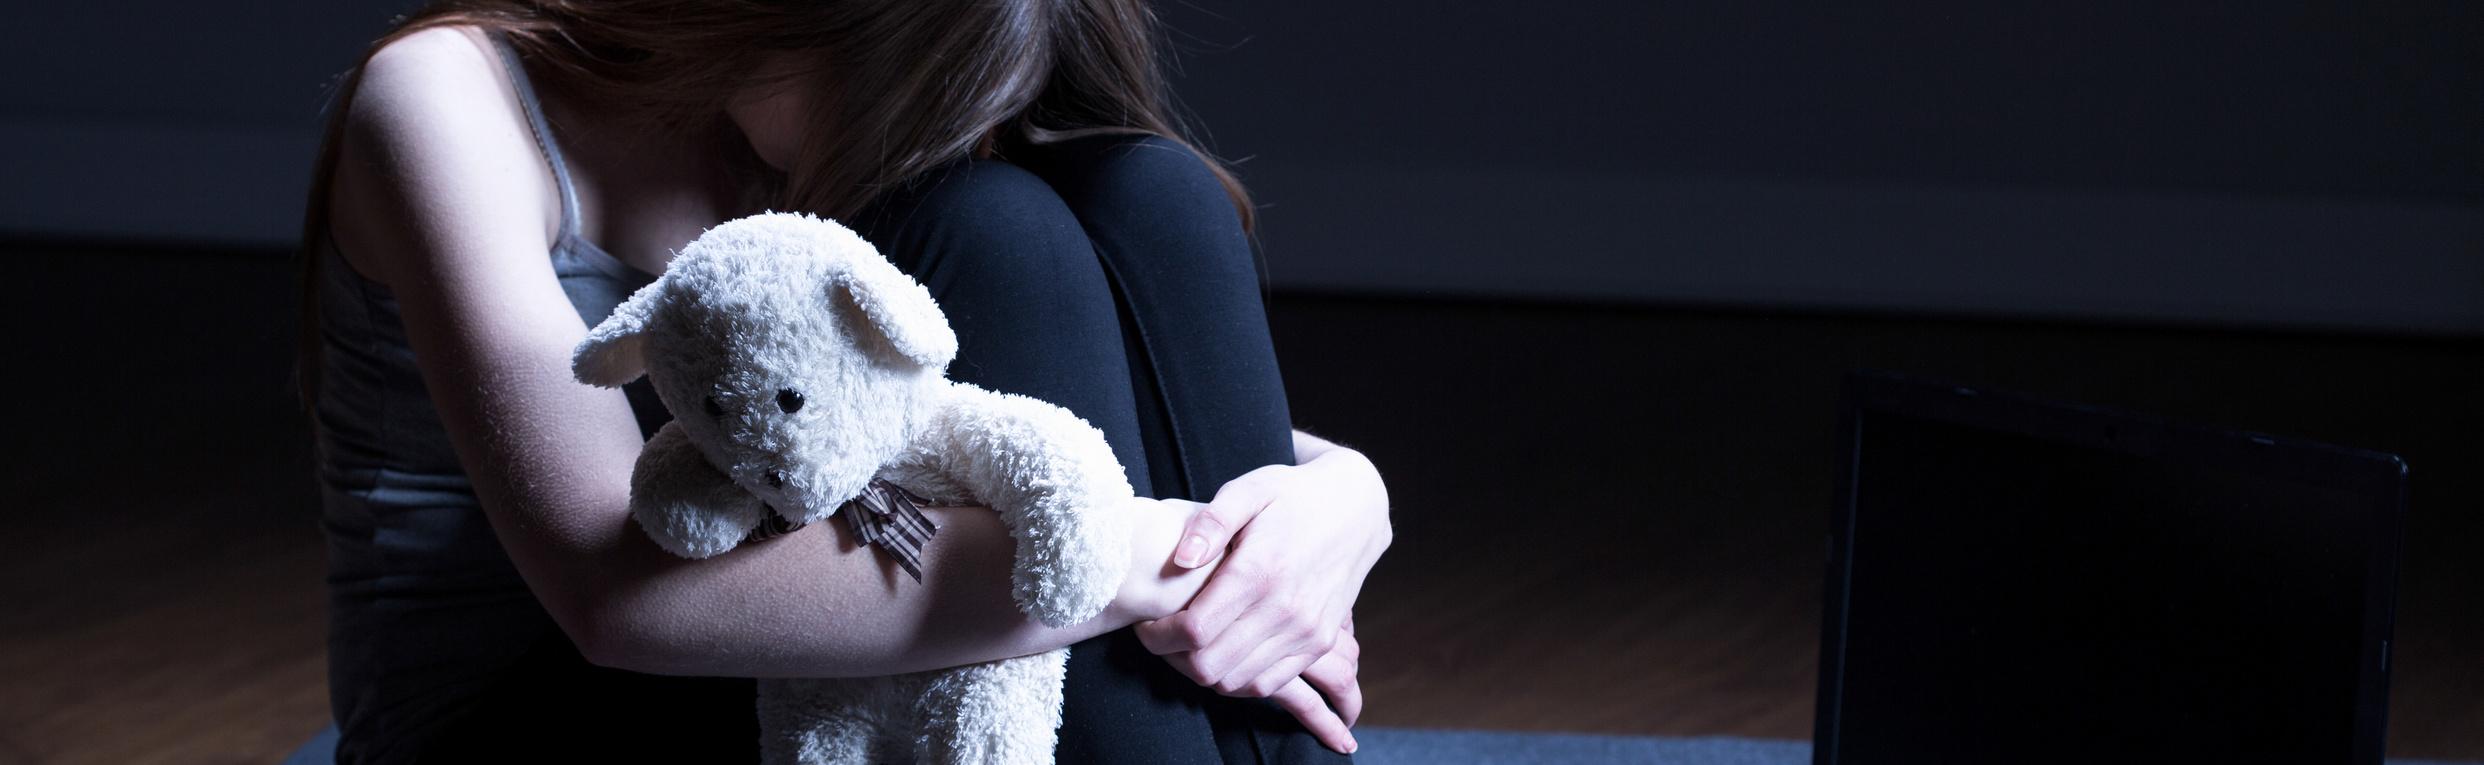 Rentner missbraucht 9-jährige Schülerinund macht Nacktfotos von ihr